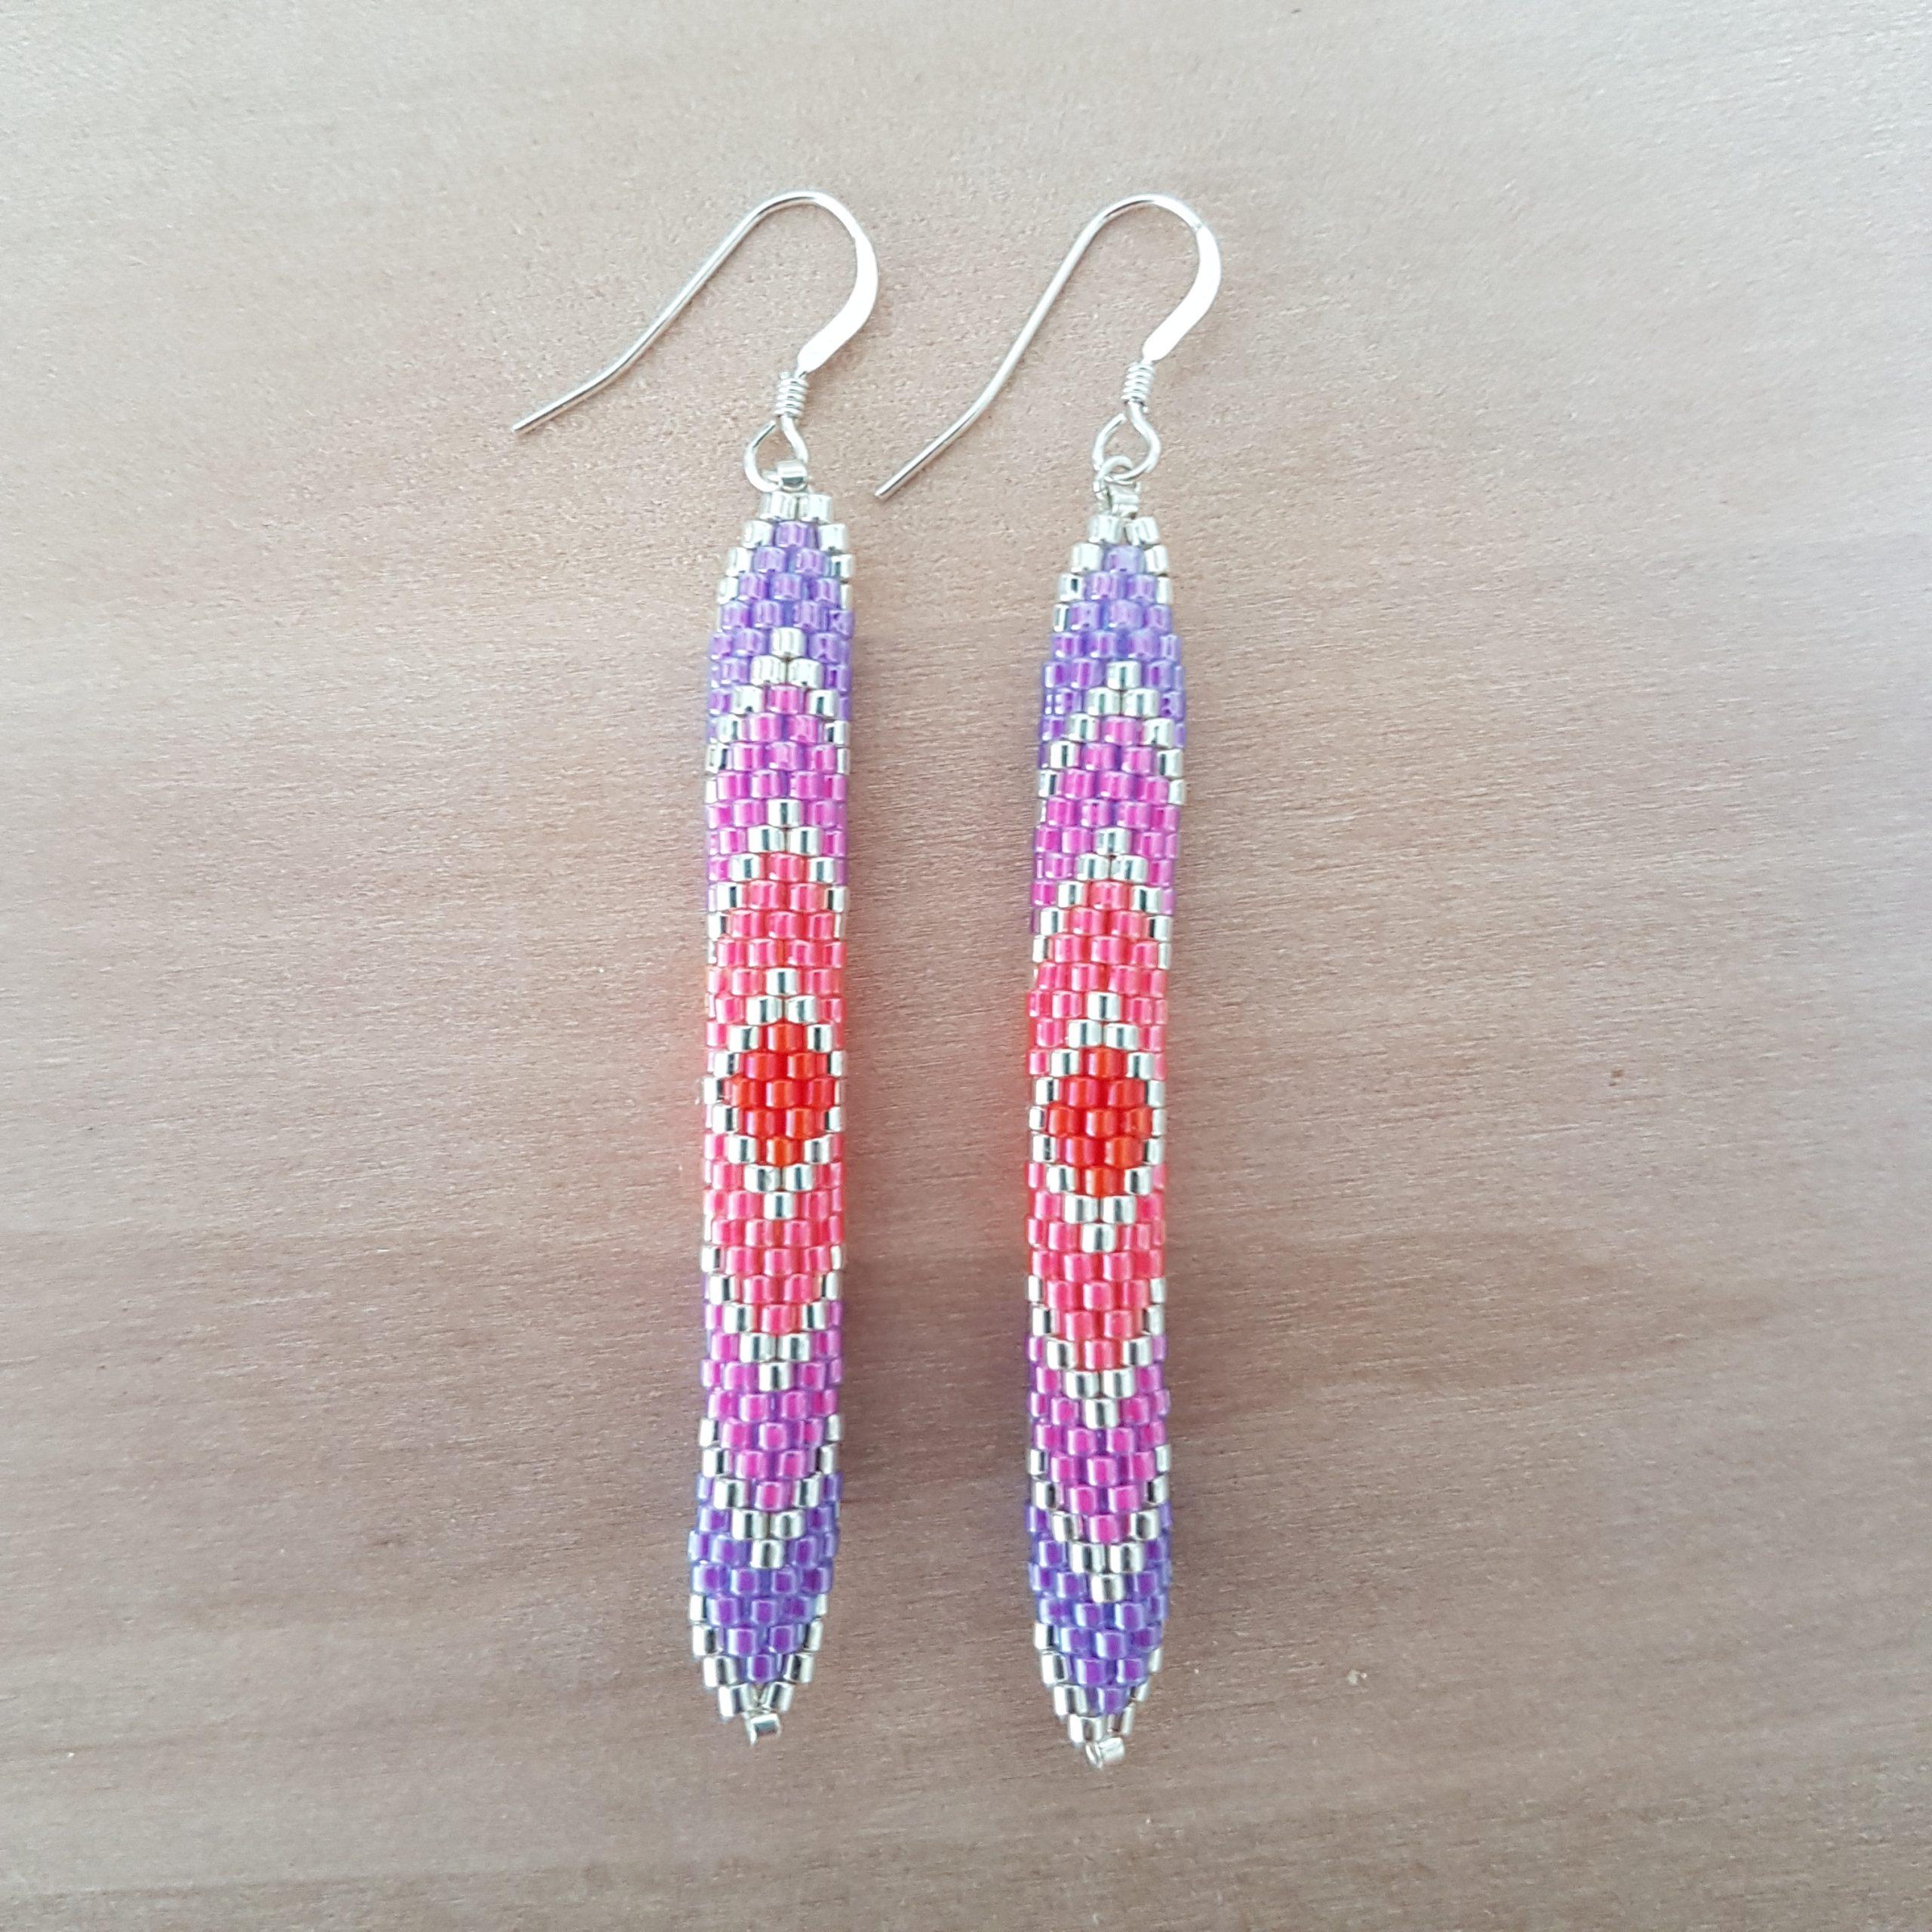 Cadeau femme Bijou artisanal lyon Boucles d'oreilles Arlequin rose rouge violet argent 925 miyuki